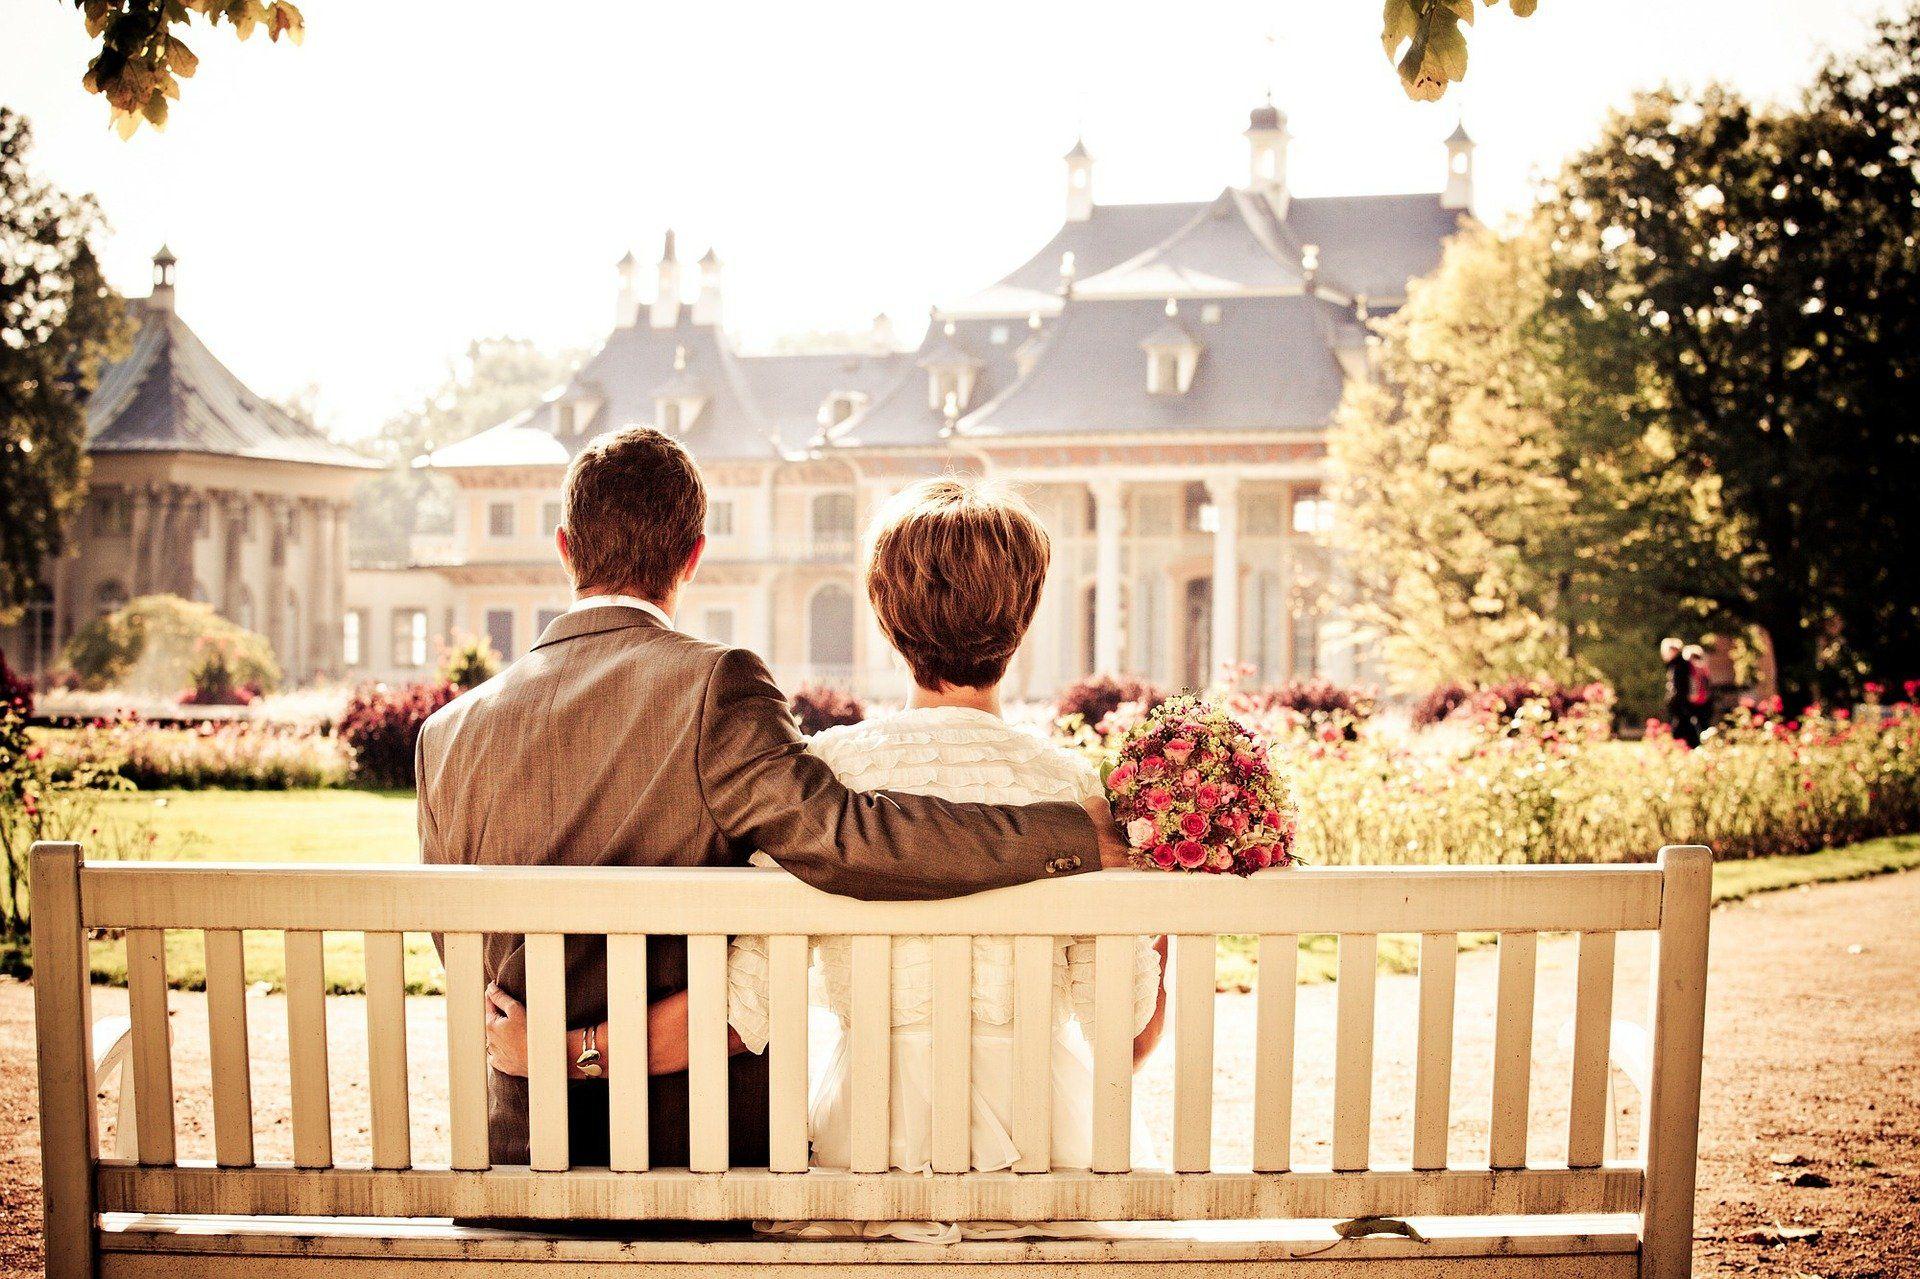 Il existerait une sorte d'interdépendance des objectifs communs dans un couple.